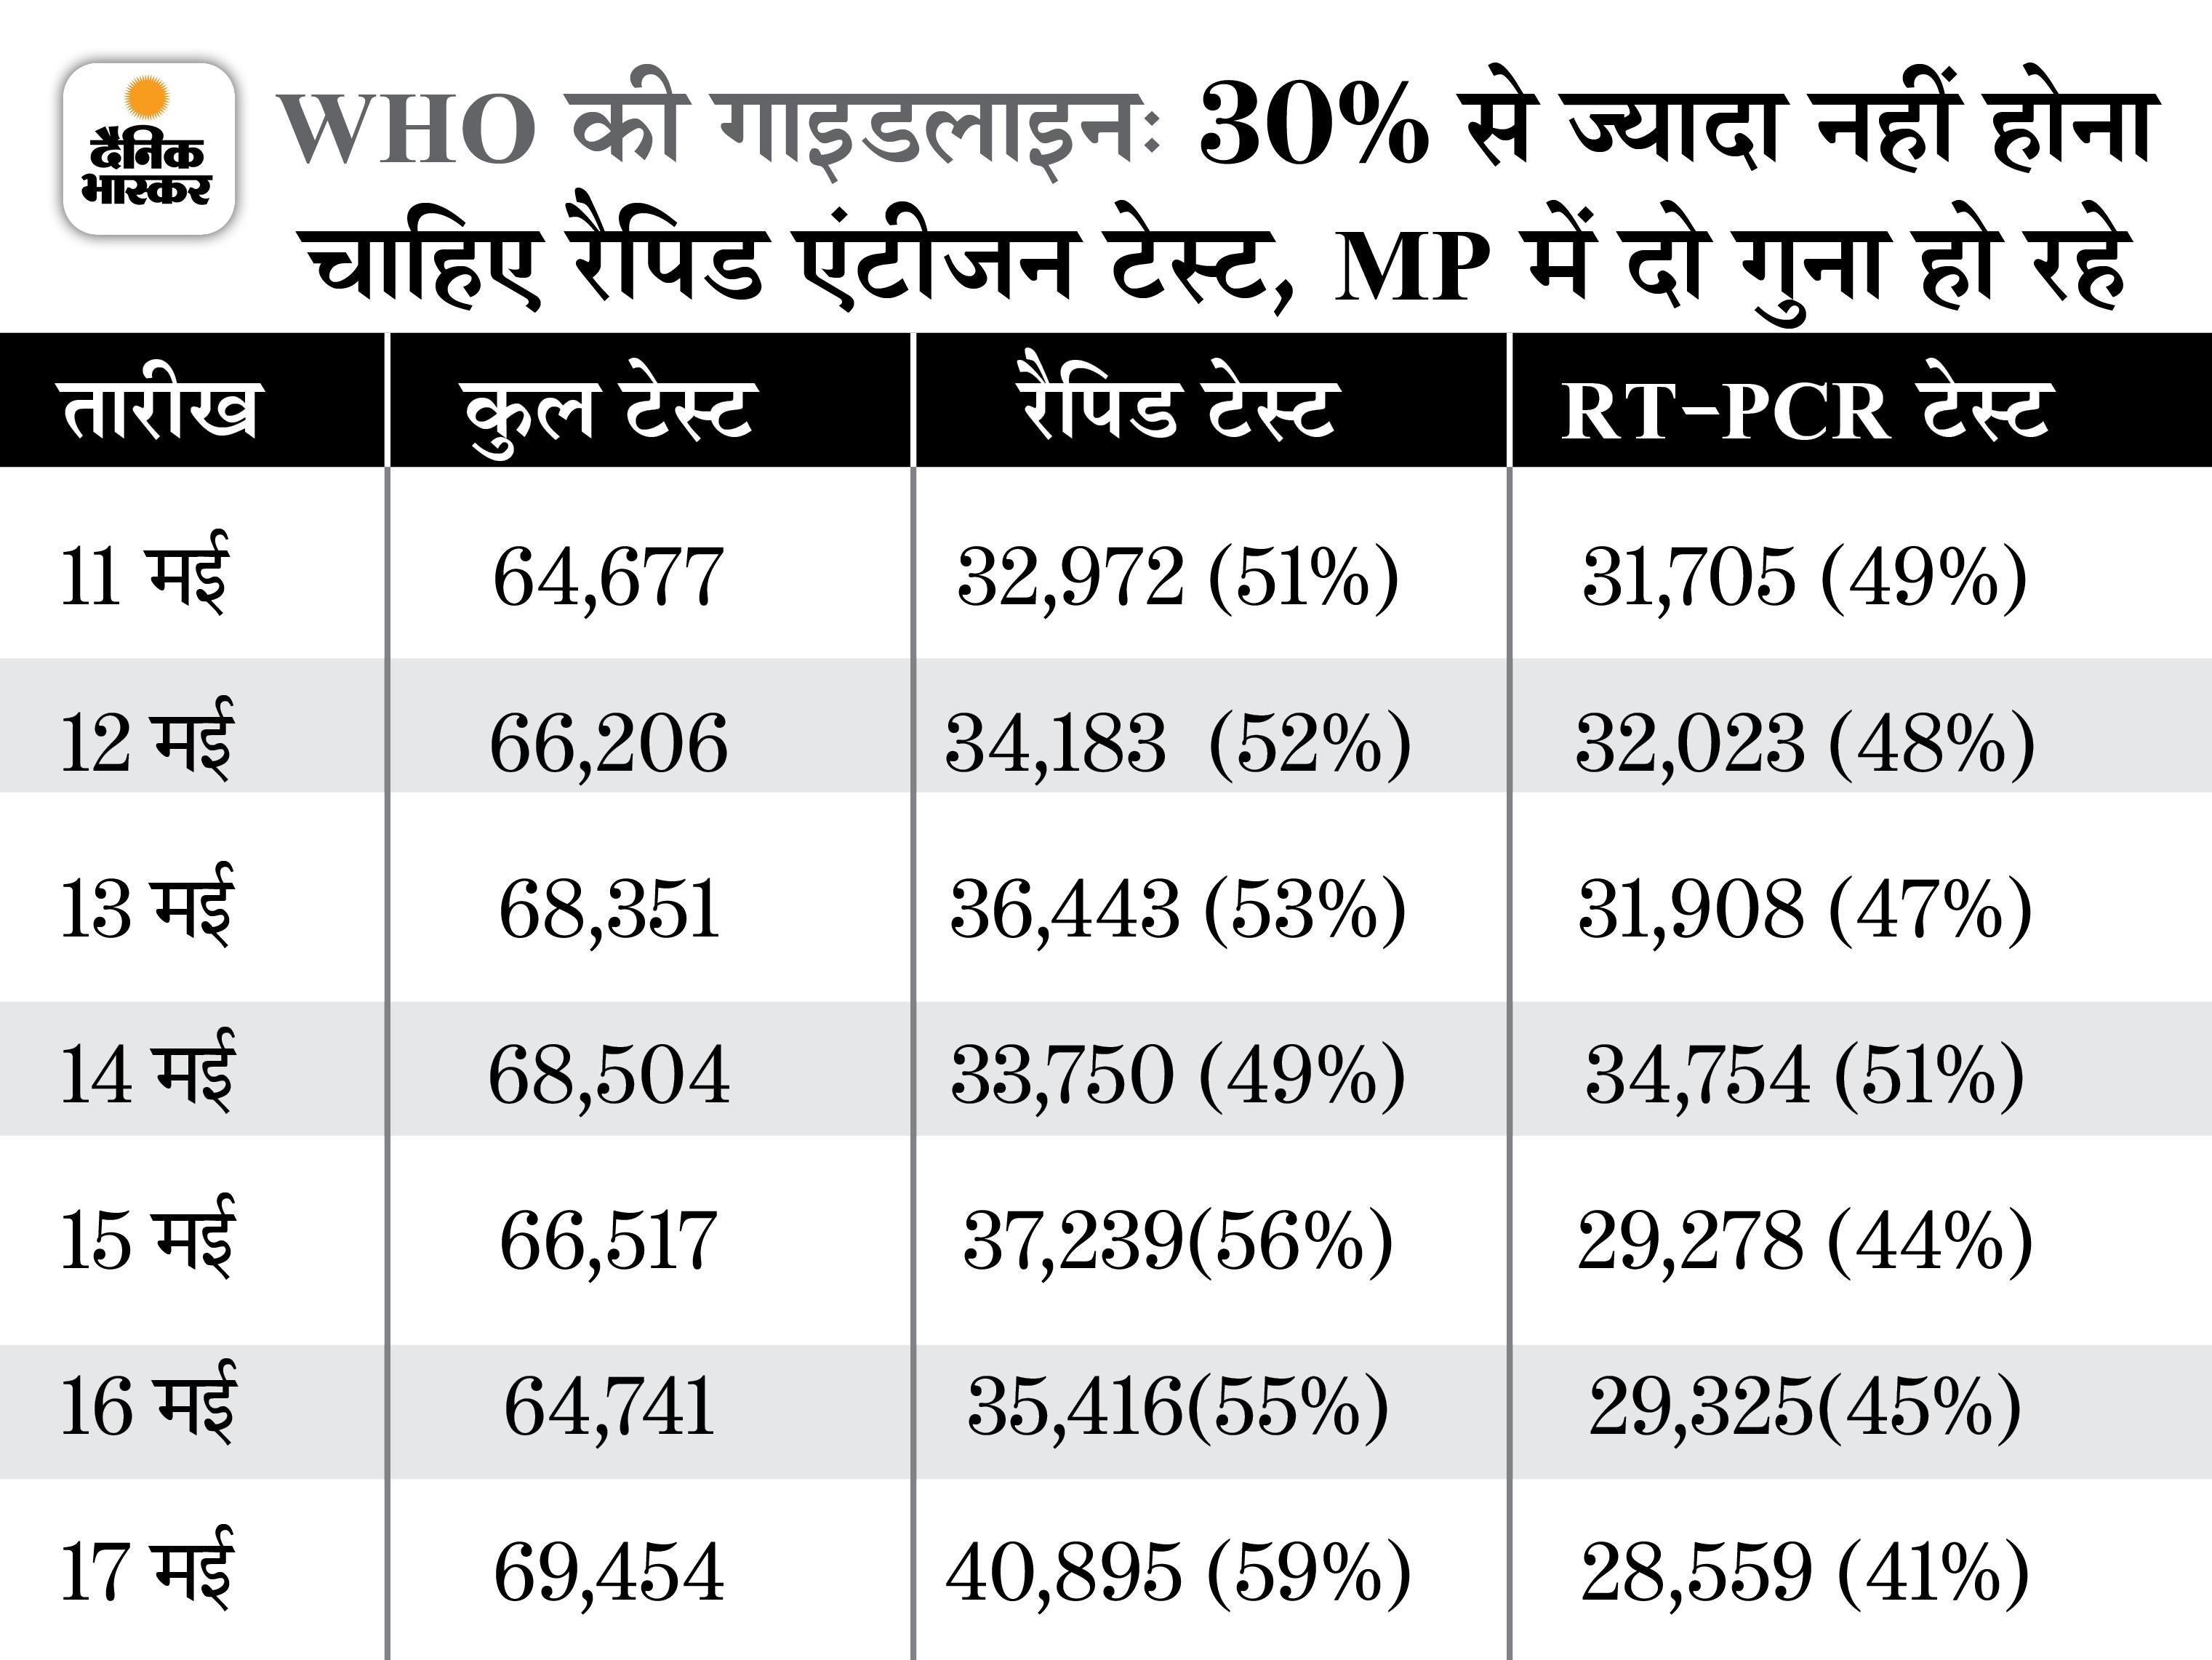 RT-PCR से ज्यादा रैपिड एंटीजन टेस्ट; नतीजा- 37 दिन में सबसे कम केस मिले, संक्रमण दर 13 से घटकर 8% हुई मध्य प्रदेश,Madhya Pradesh - Dainik Bhaskar